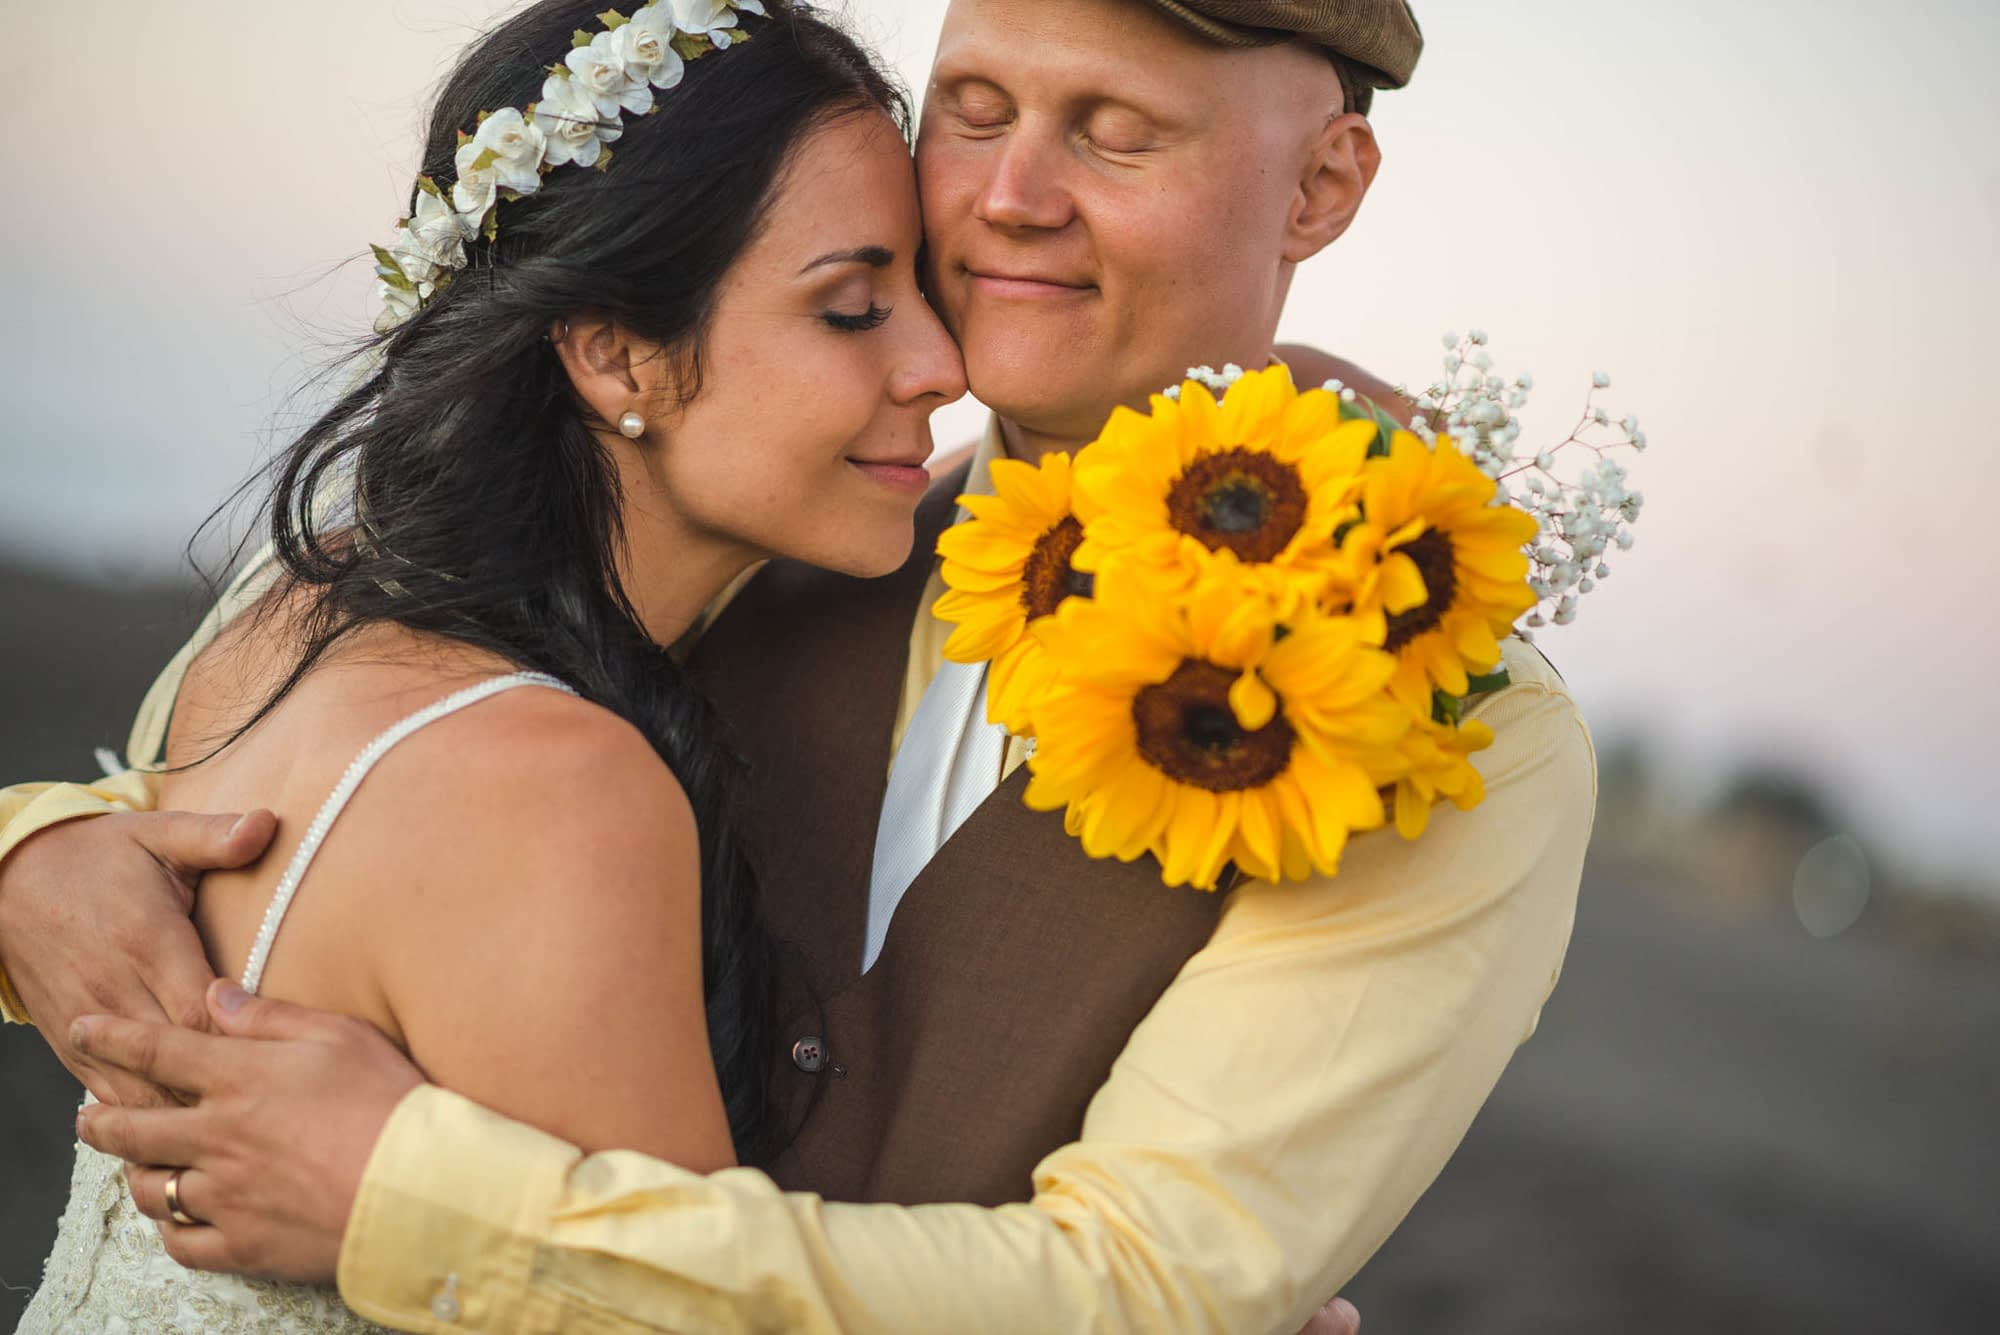 matrimonio-playa-pichilemu-boda-playa lobos pacific house-fotografo profesional matrimonio